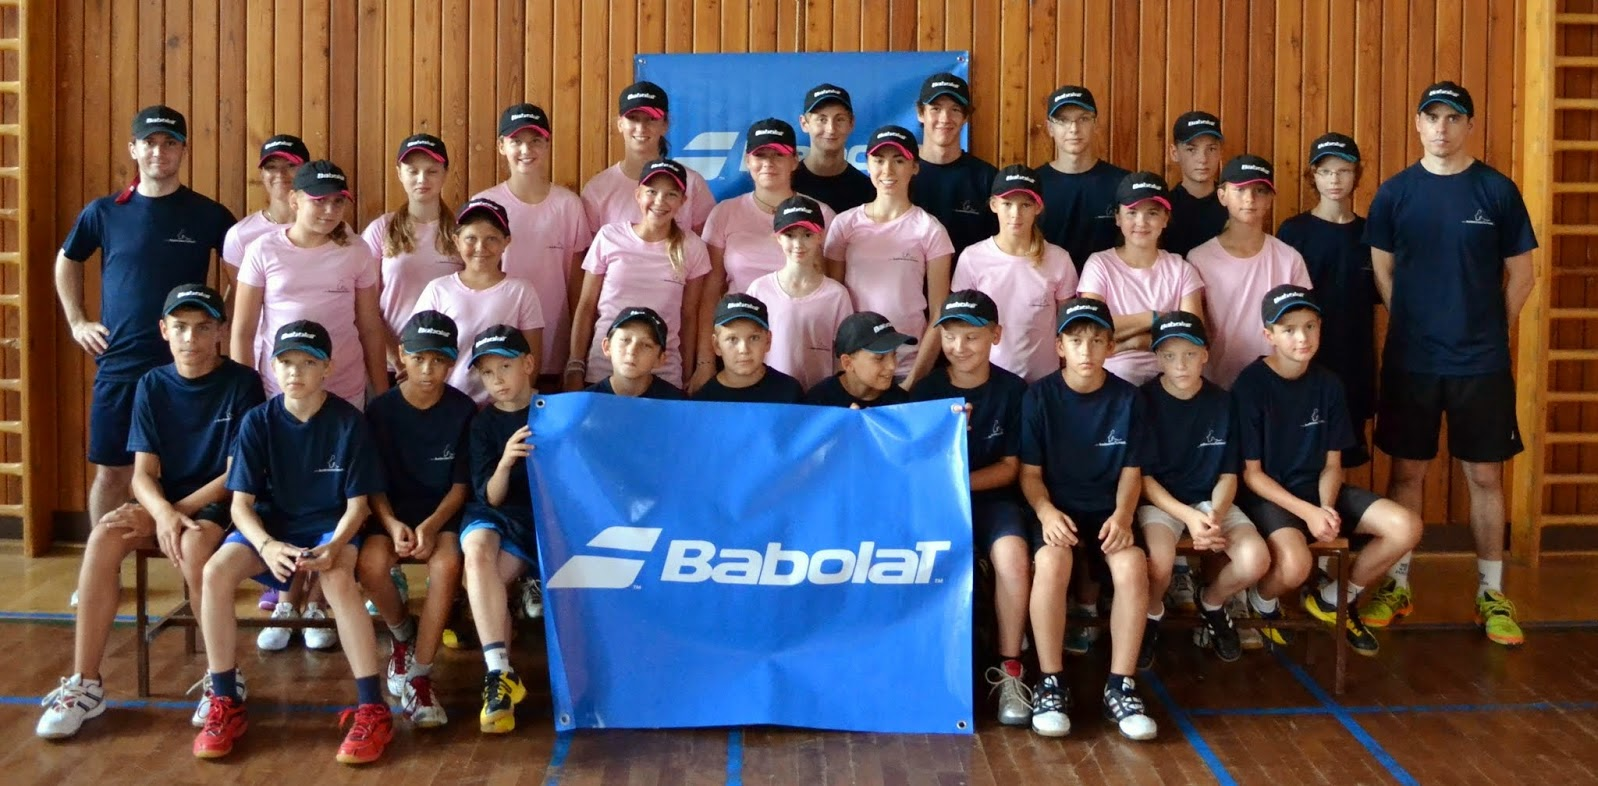 """Letní soustředění """"Babolat Summer camp 2014"""""""